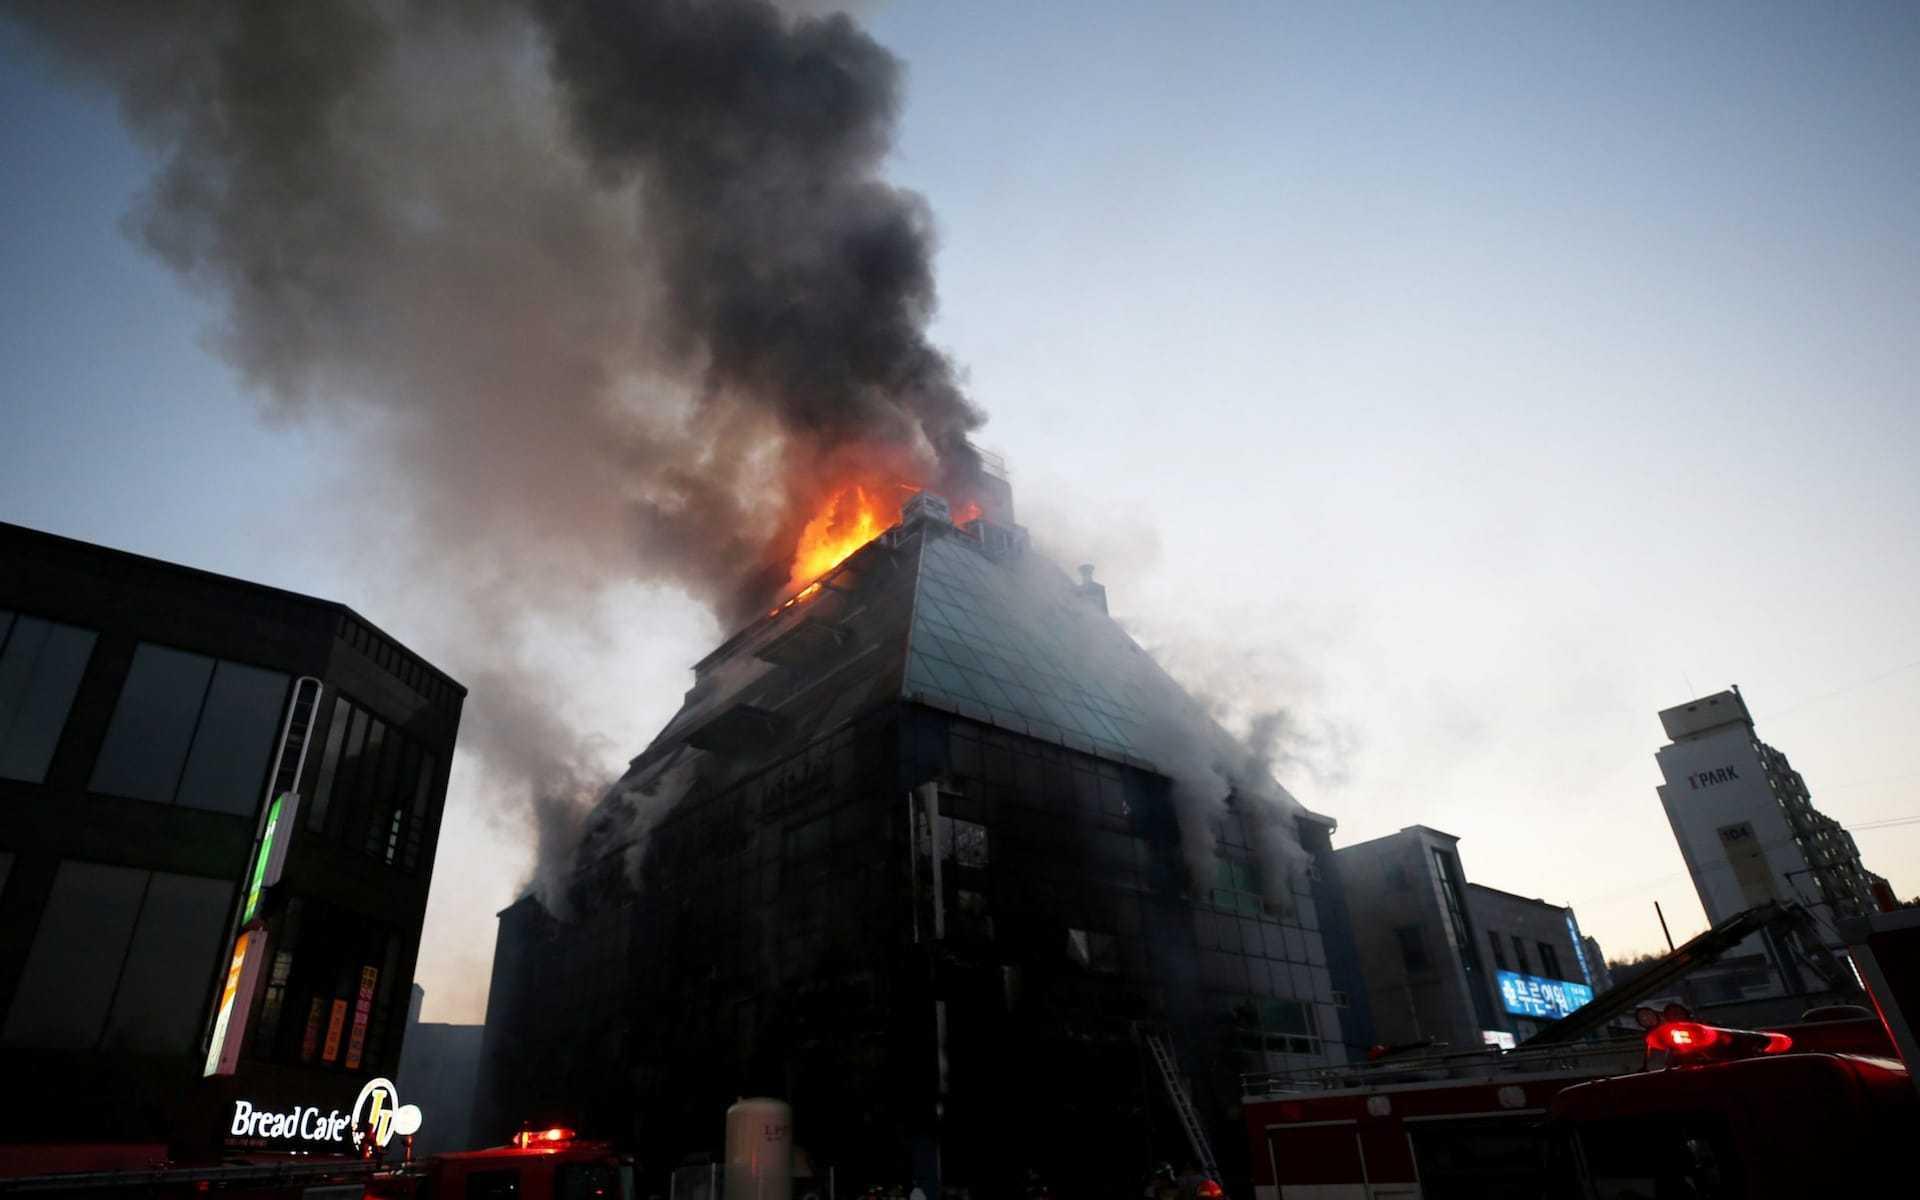 Fire in South Korean fitness center kills 29